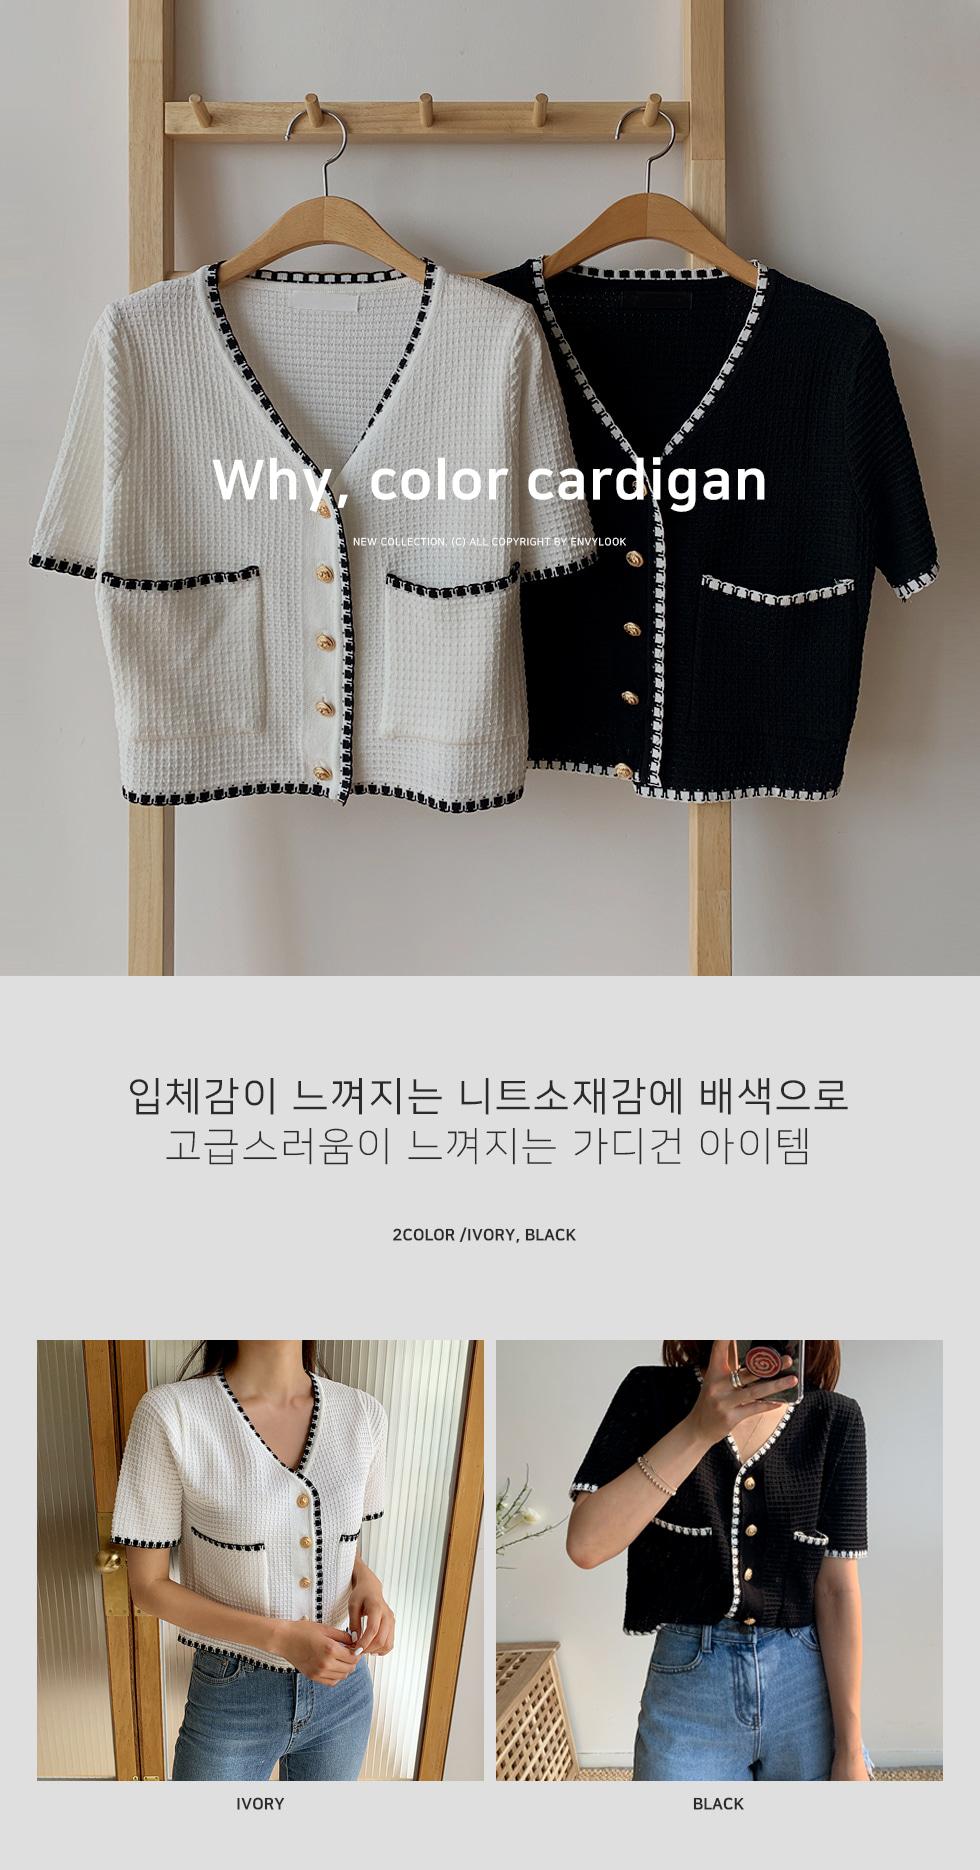 Y color cardigan